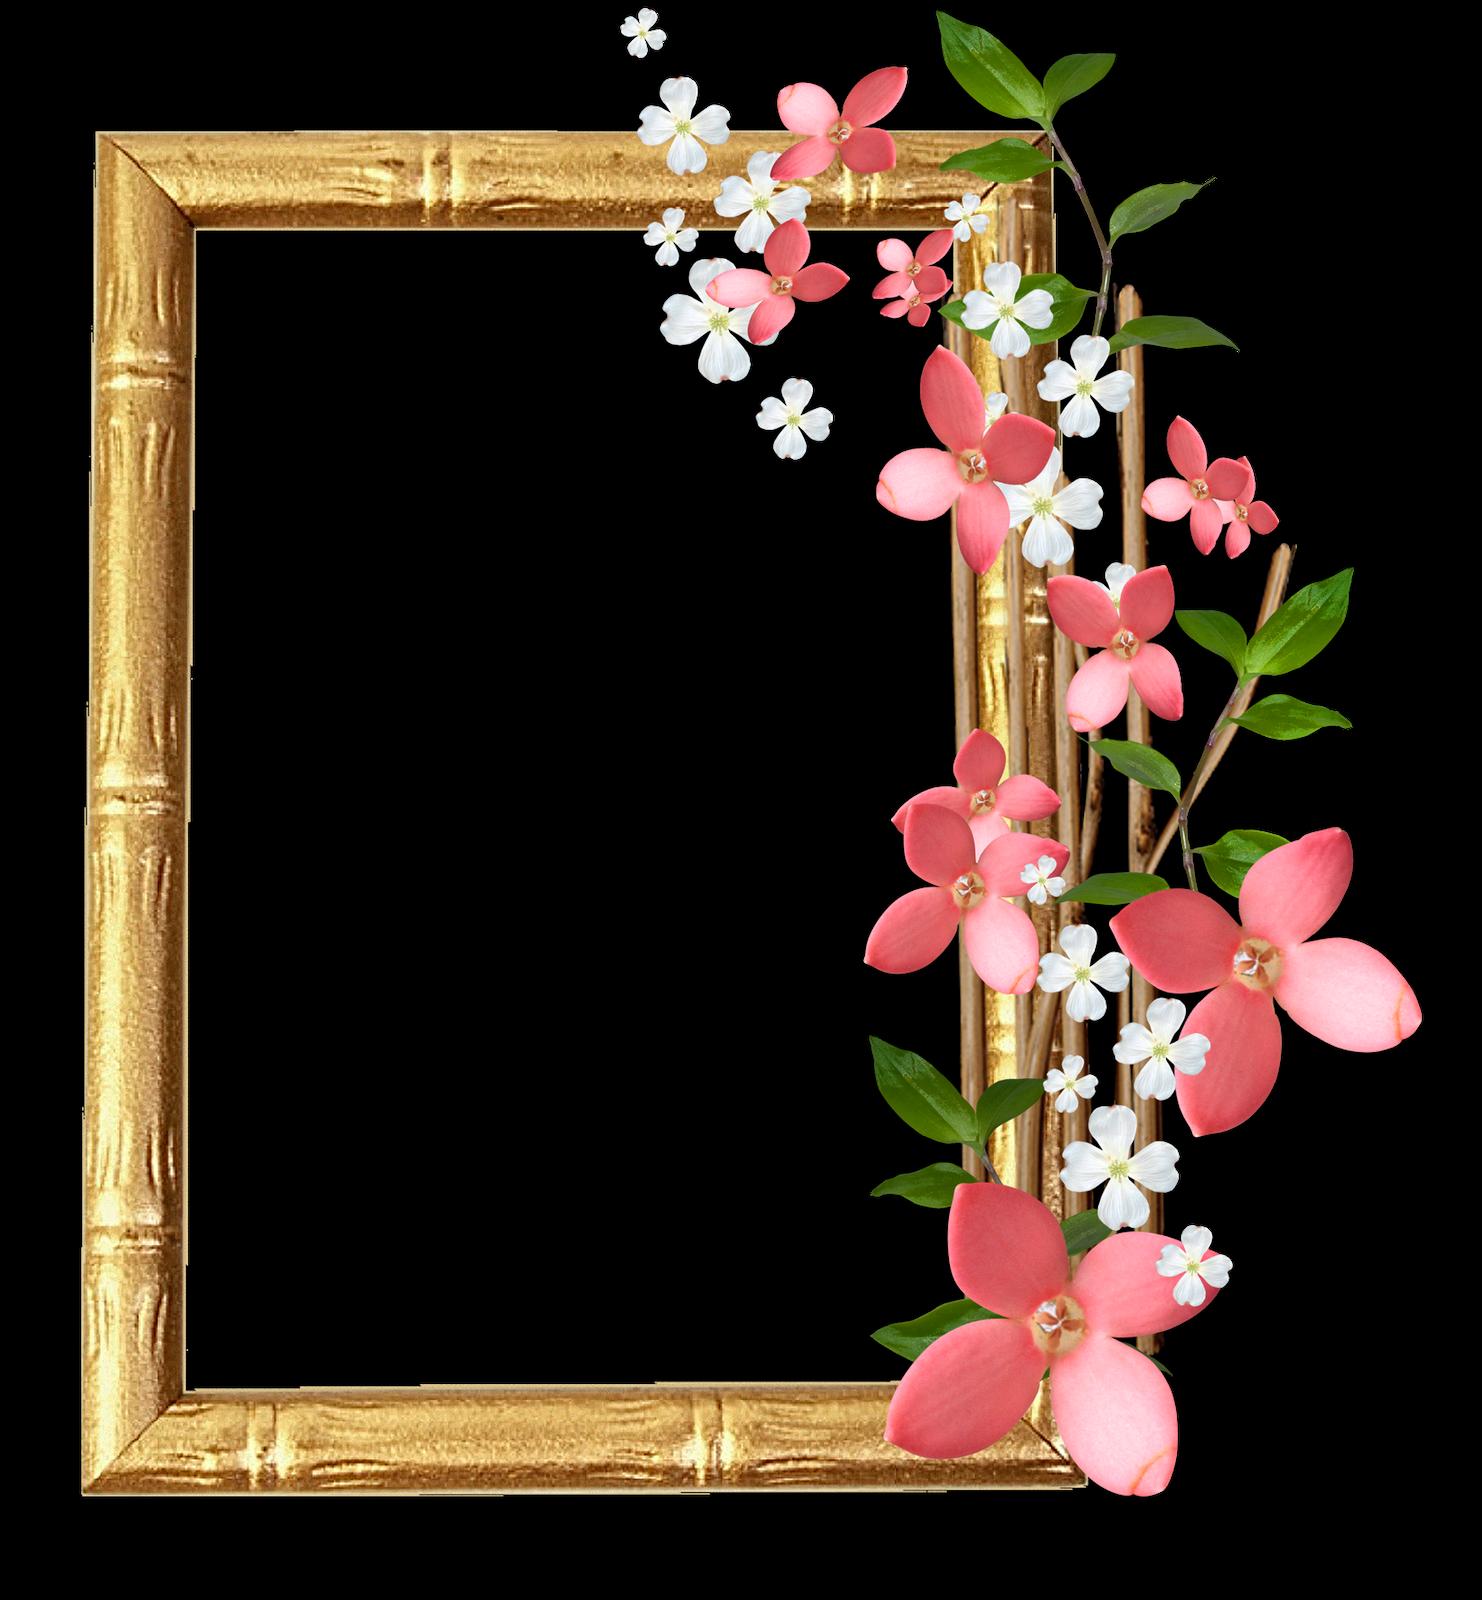 Marco para personalizar con tu foto marcos rectangulares - Marcos decorados ...